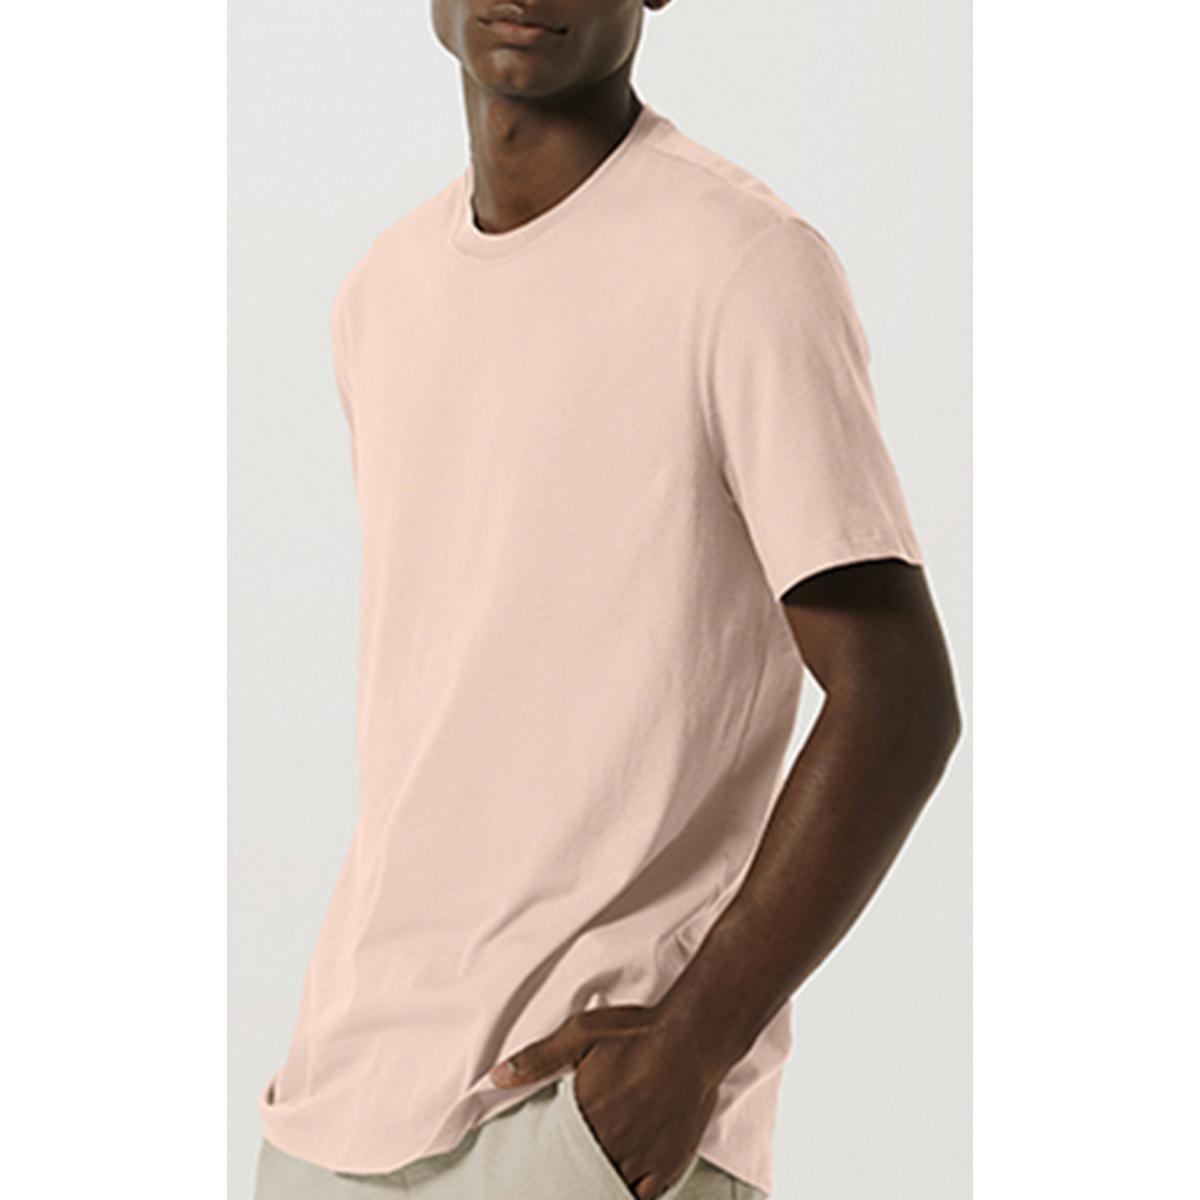 Camiseta Masculina Hering 0227 Kmmen Rosa Claro